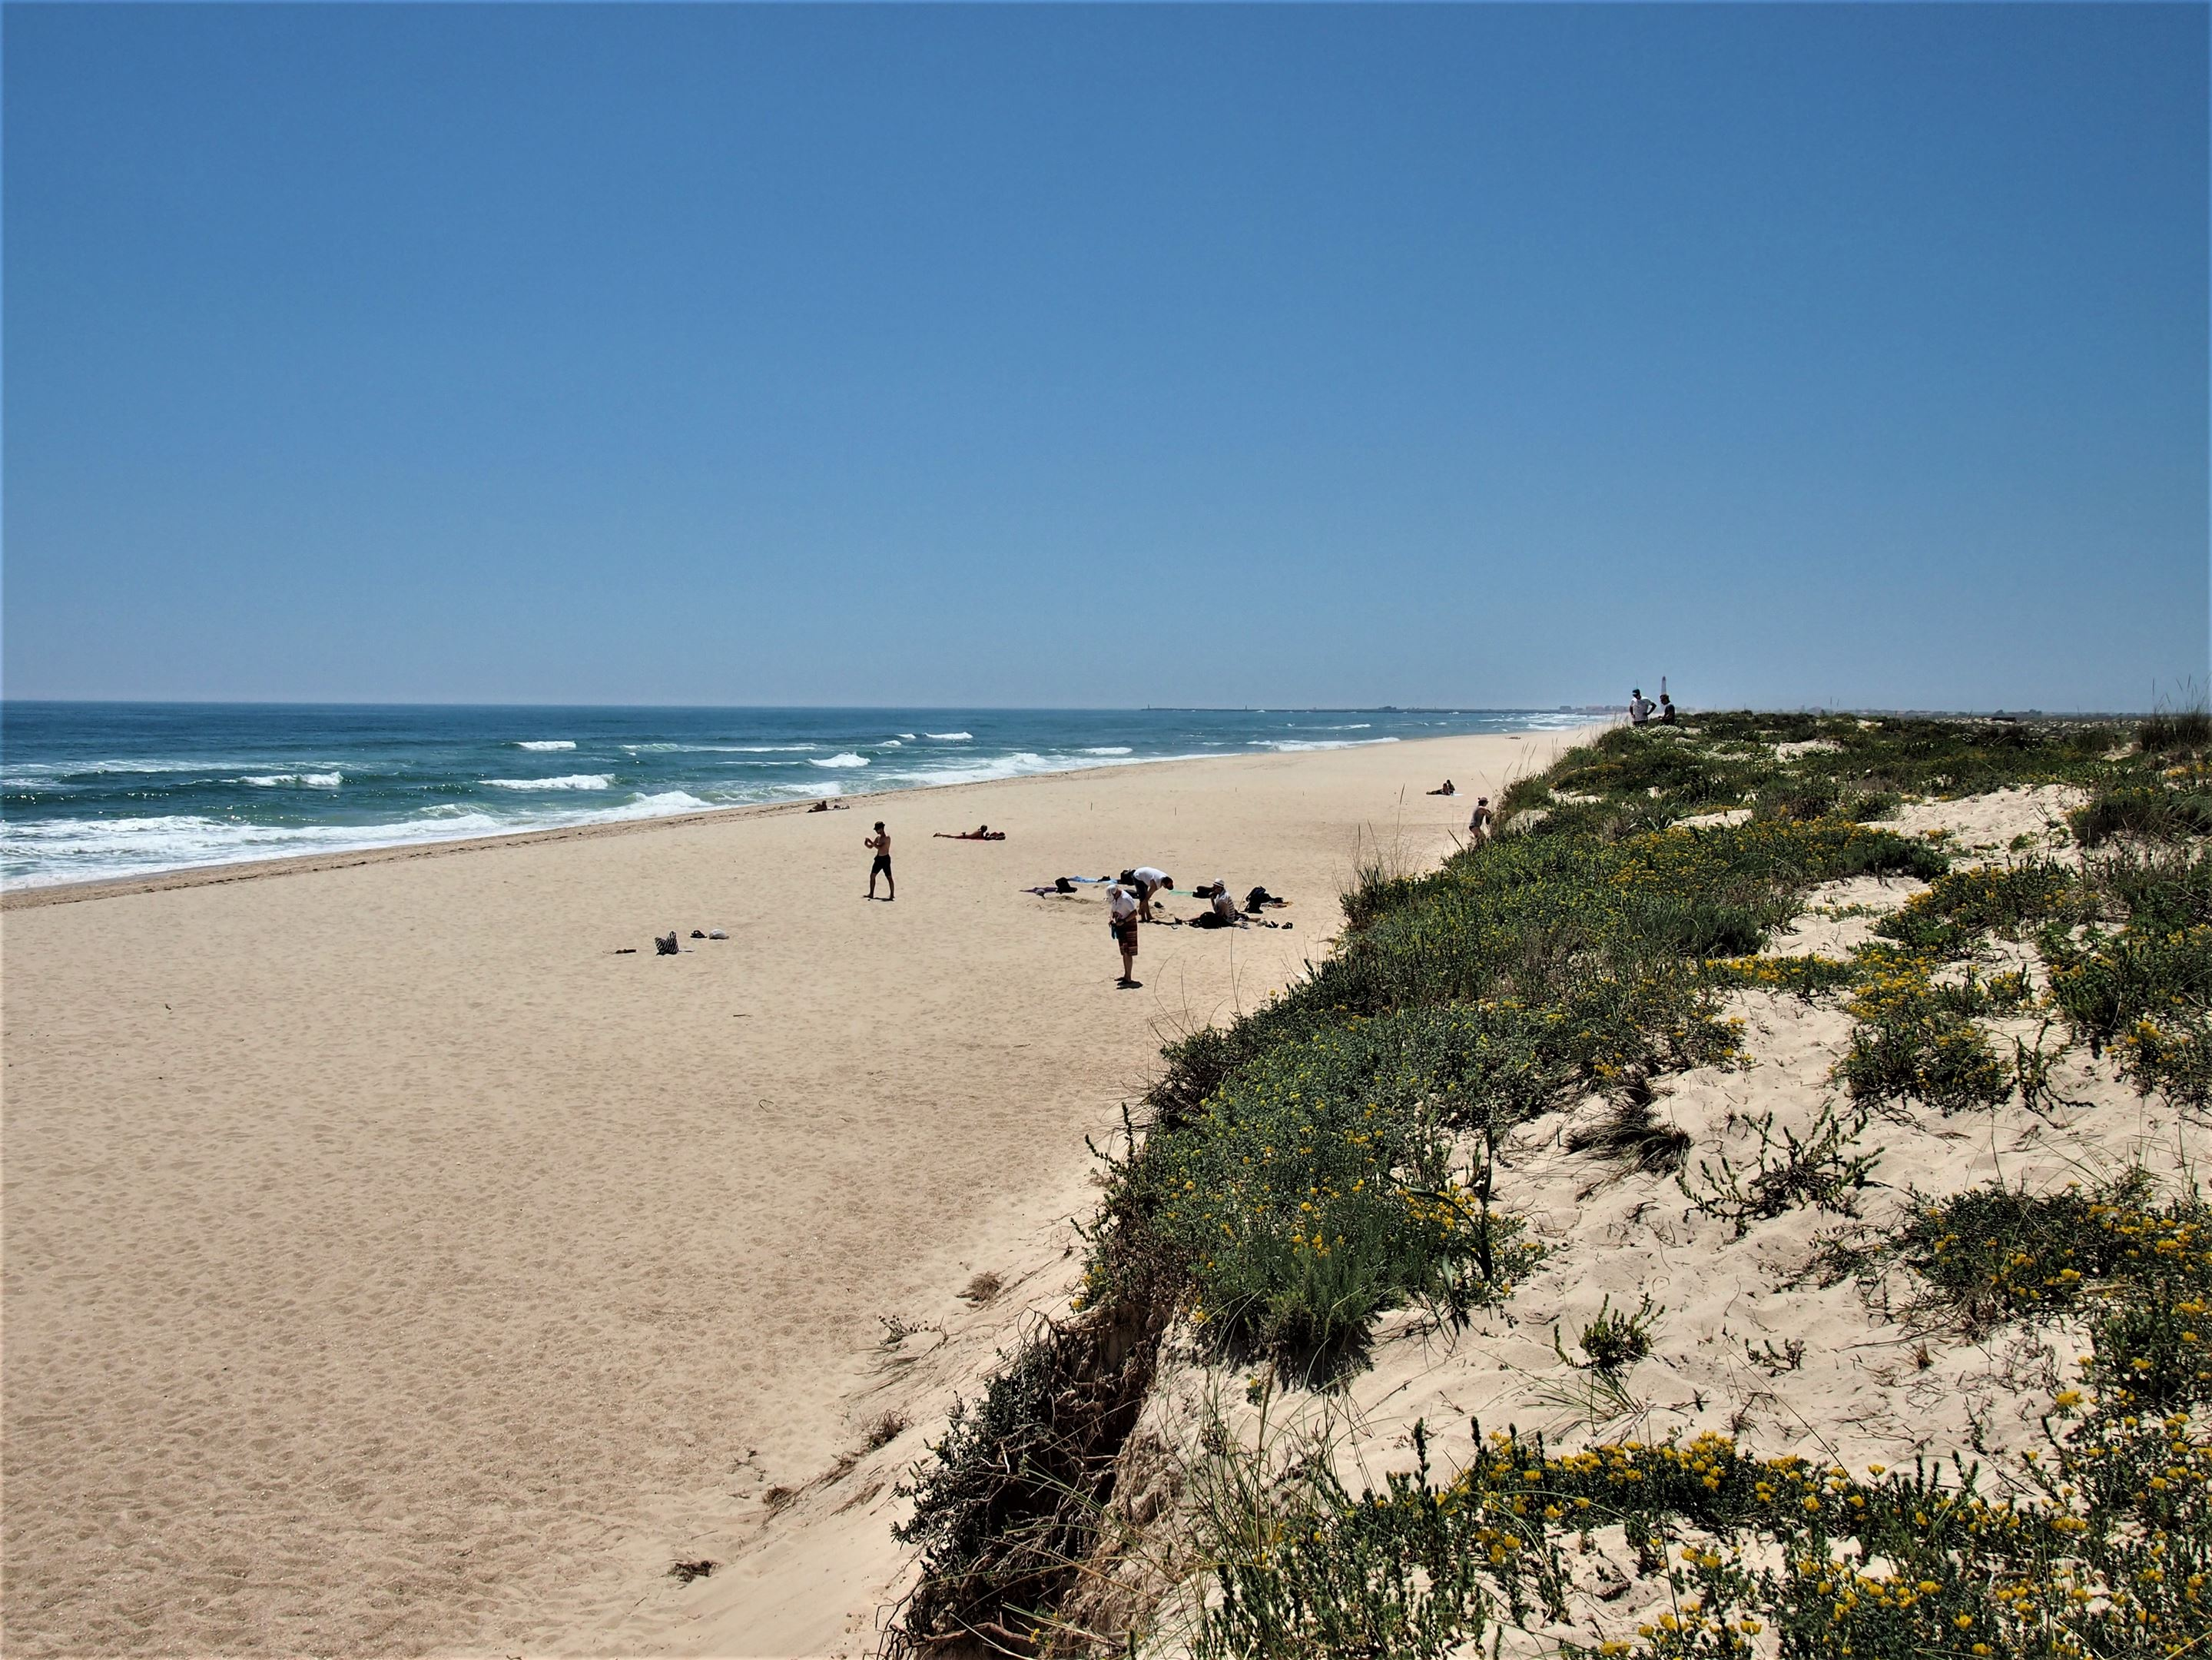 Praia da Culatra, Olhão - looking westwards